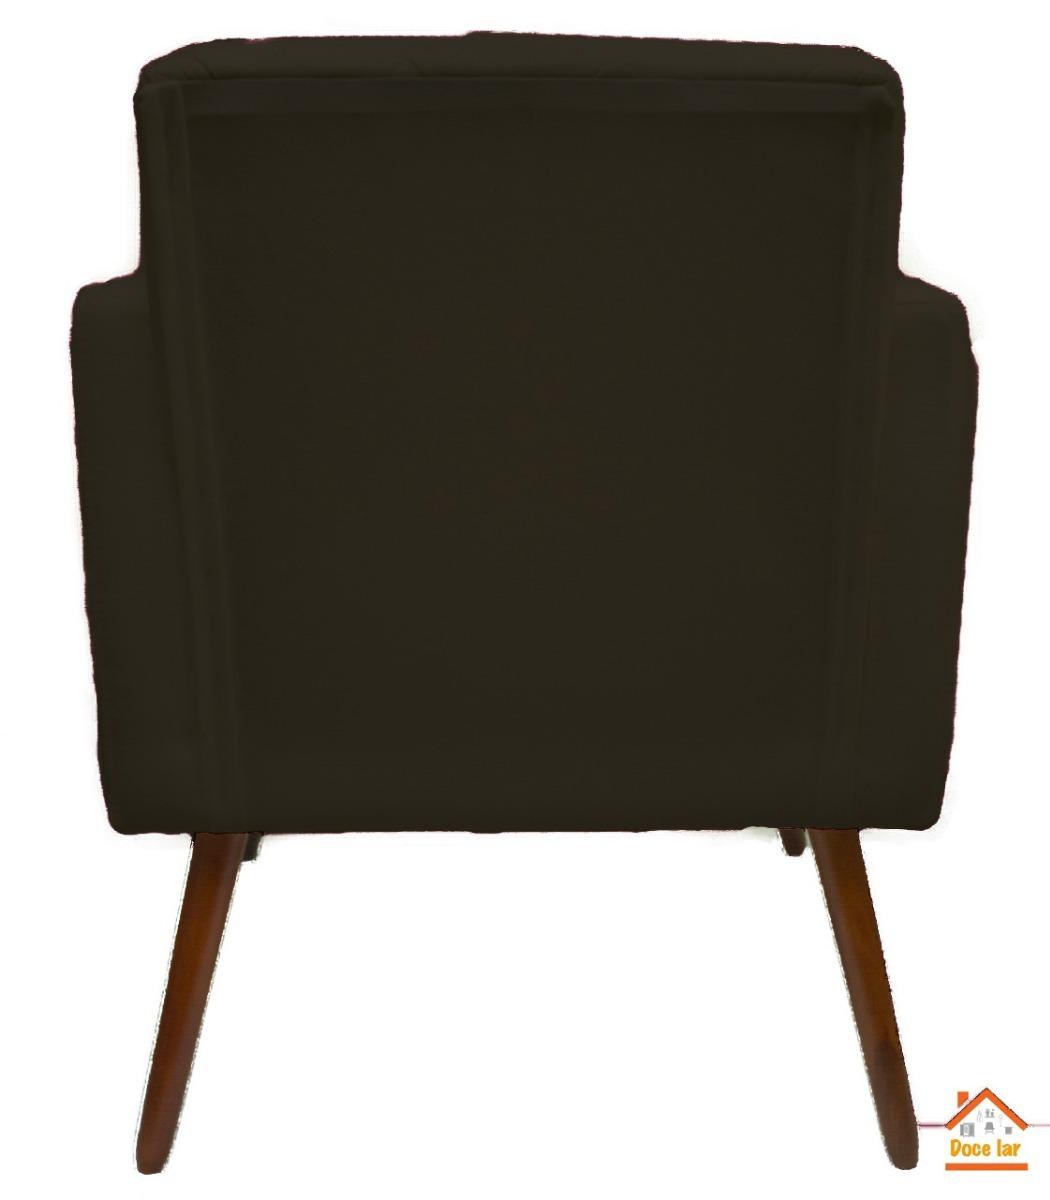 5438a69679e3 poltrona decorativa sala escritório amanda suede marrom. Carregando zoom.